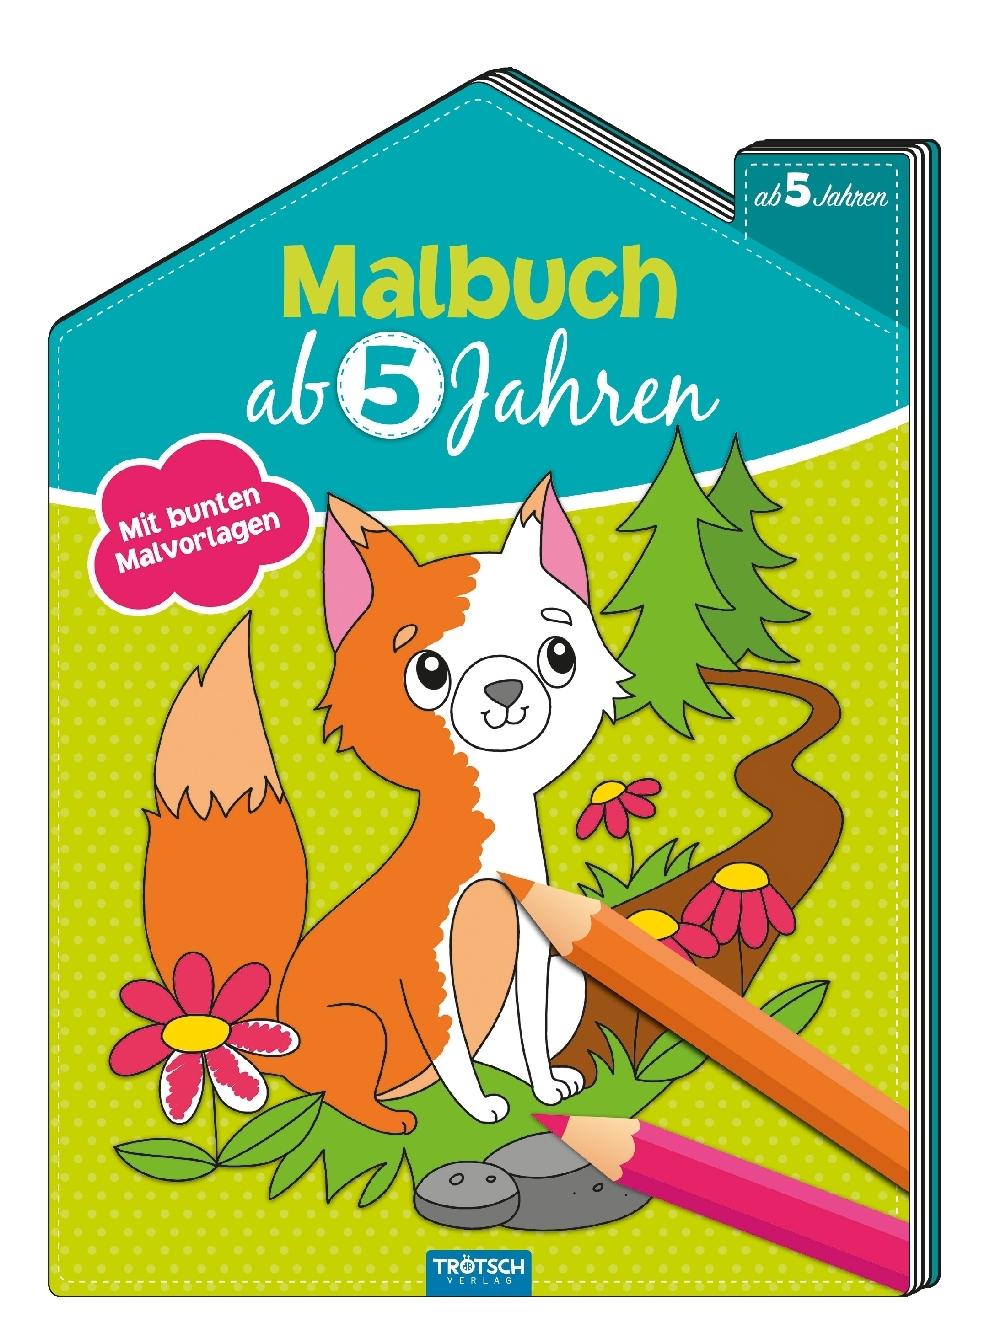 Malbuch ab 5 Jahren Mit bunten Malvorlagen Broschüre Deutsch 2018 Bastel- & Kreativ-Bedarf für Kinder Sonstige Mal- & Zeichenmaterialien für Kinder